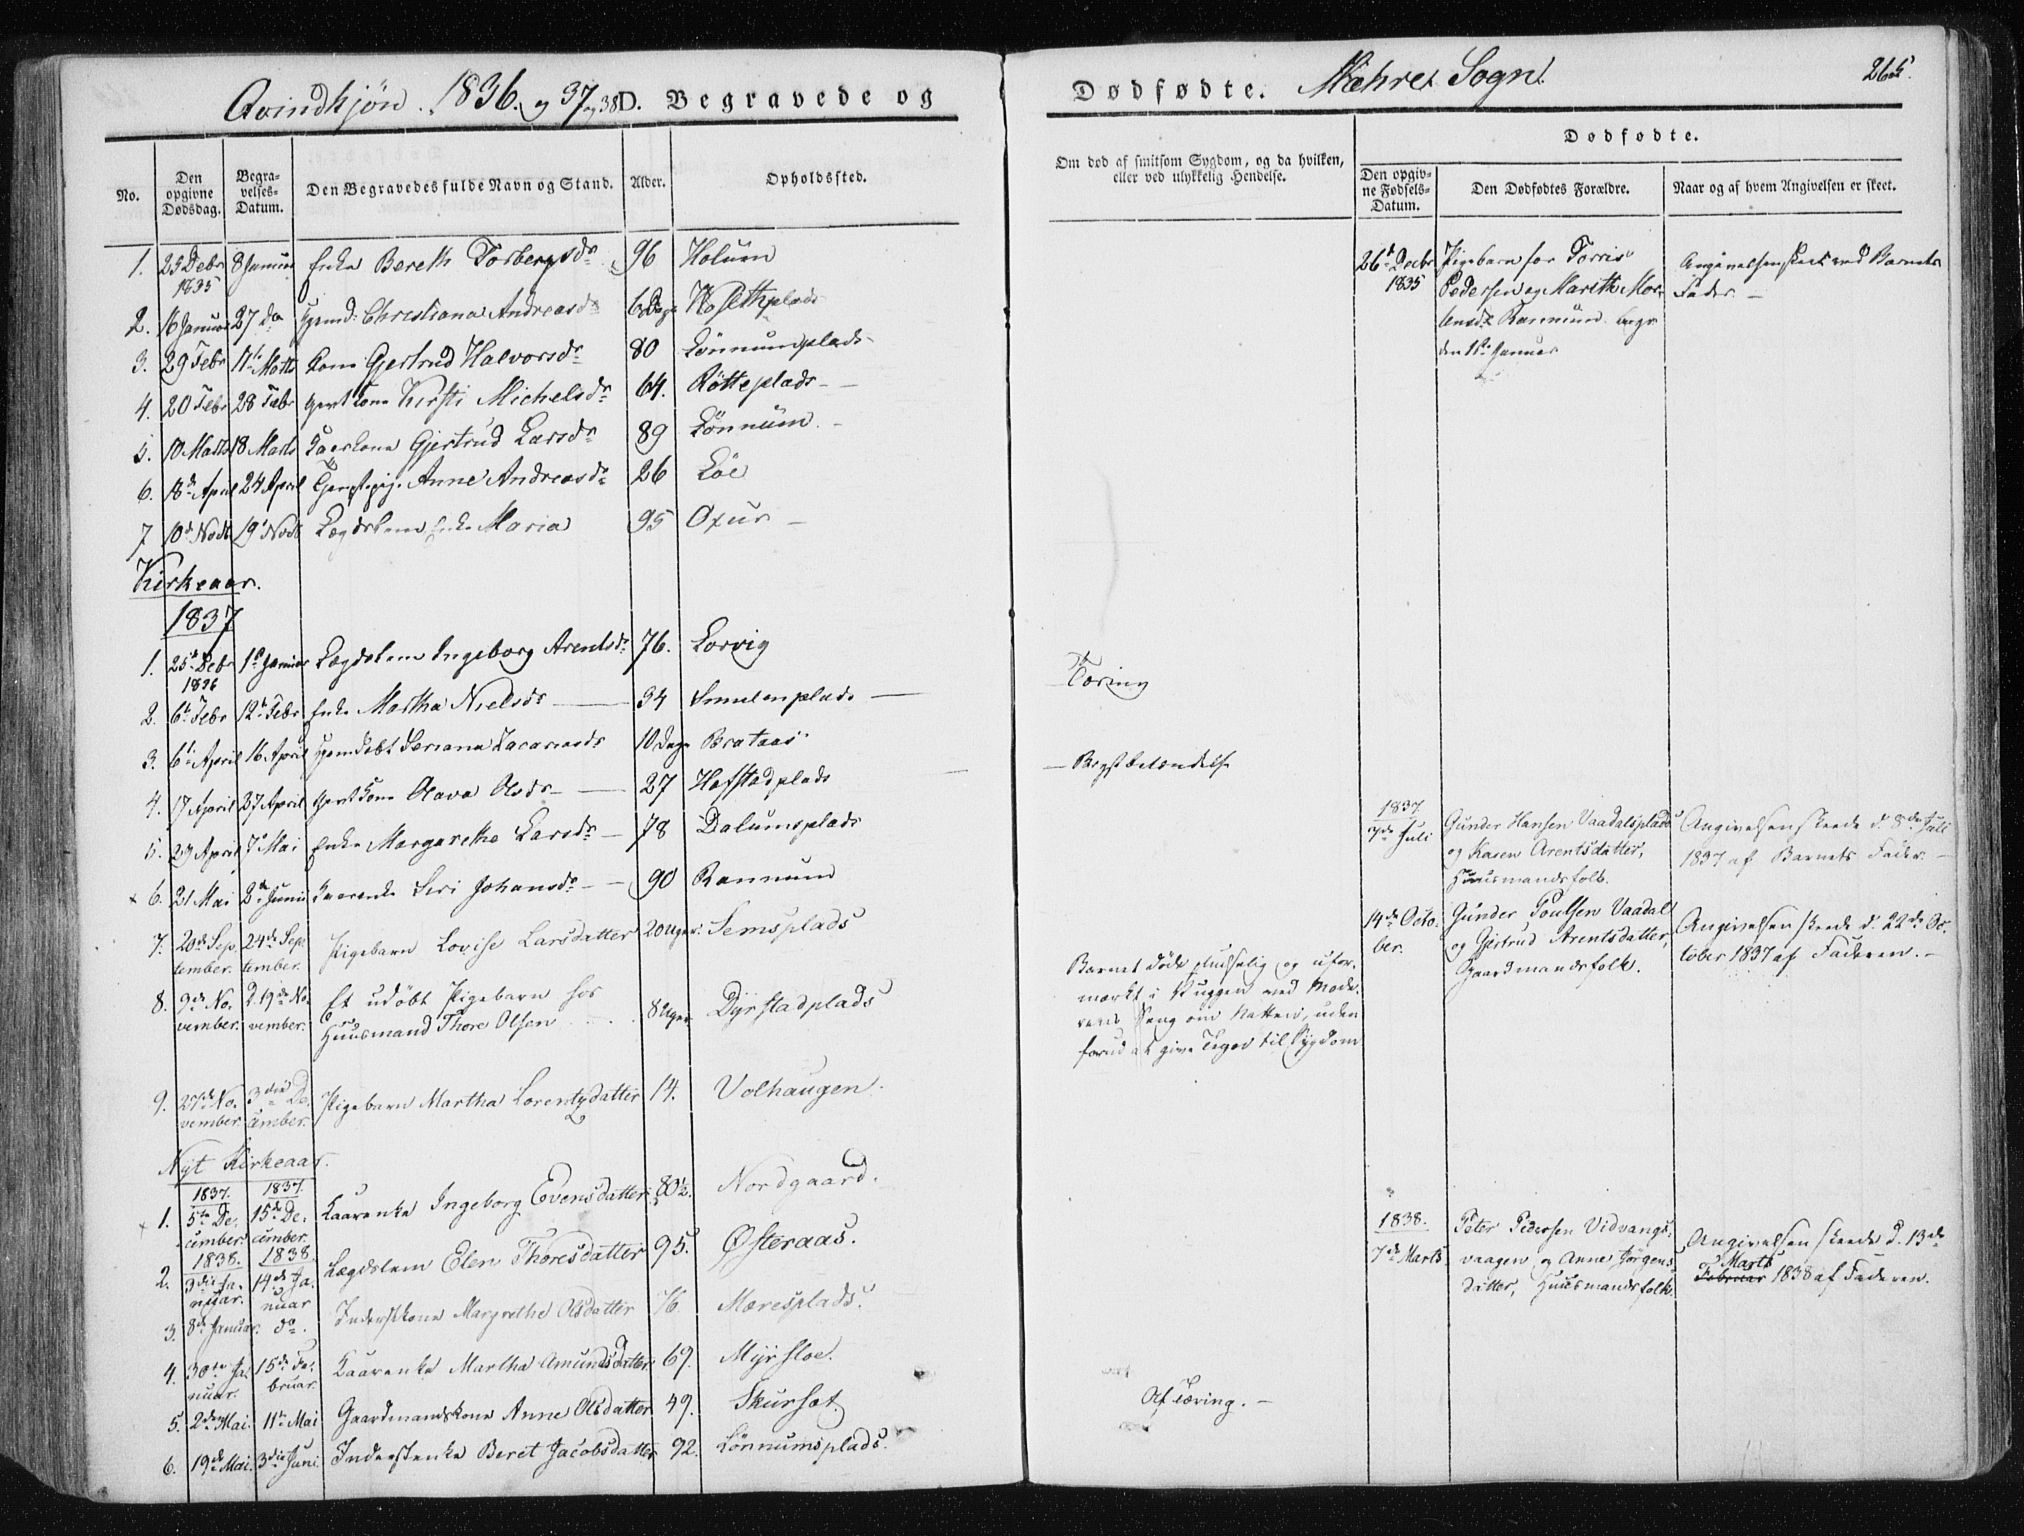 SAT, Ministerialprotokoller, klokkerbøker og fødselsregistre - Nord-Trøndelag, 735/L0339: Ministerialbok nr. 735A06 /1, 1836-1848, s. 265